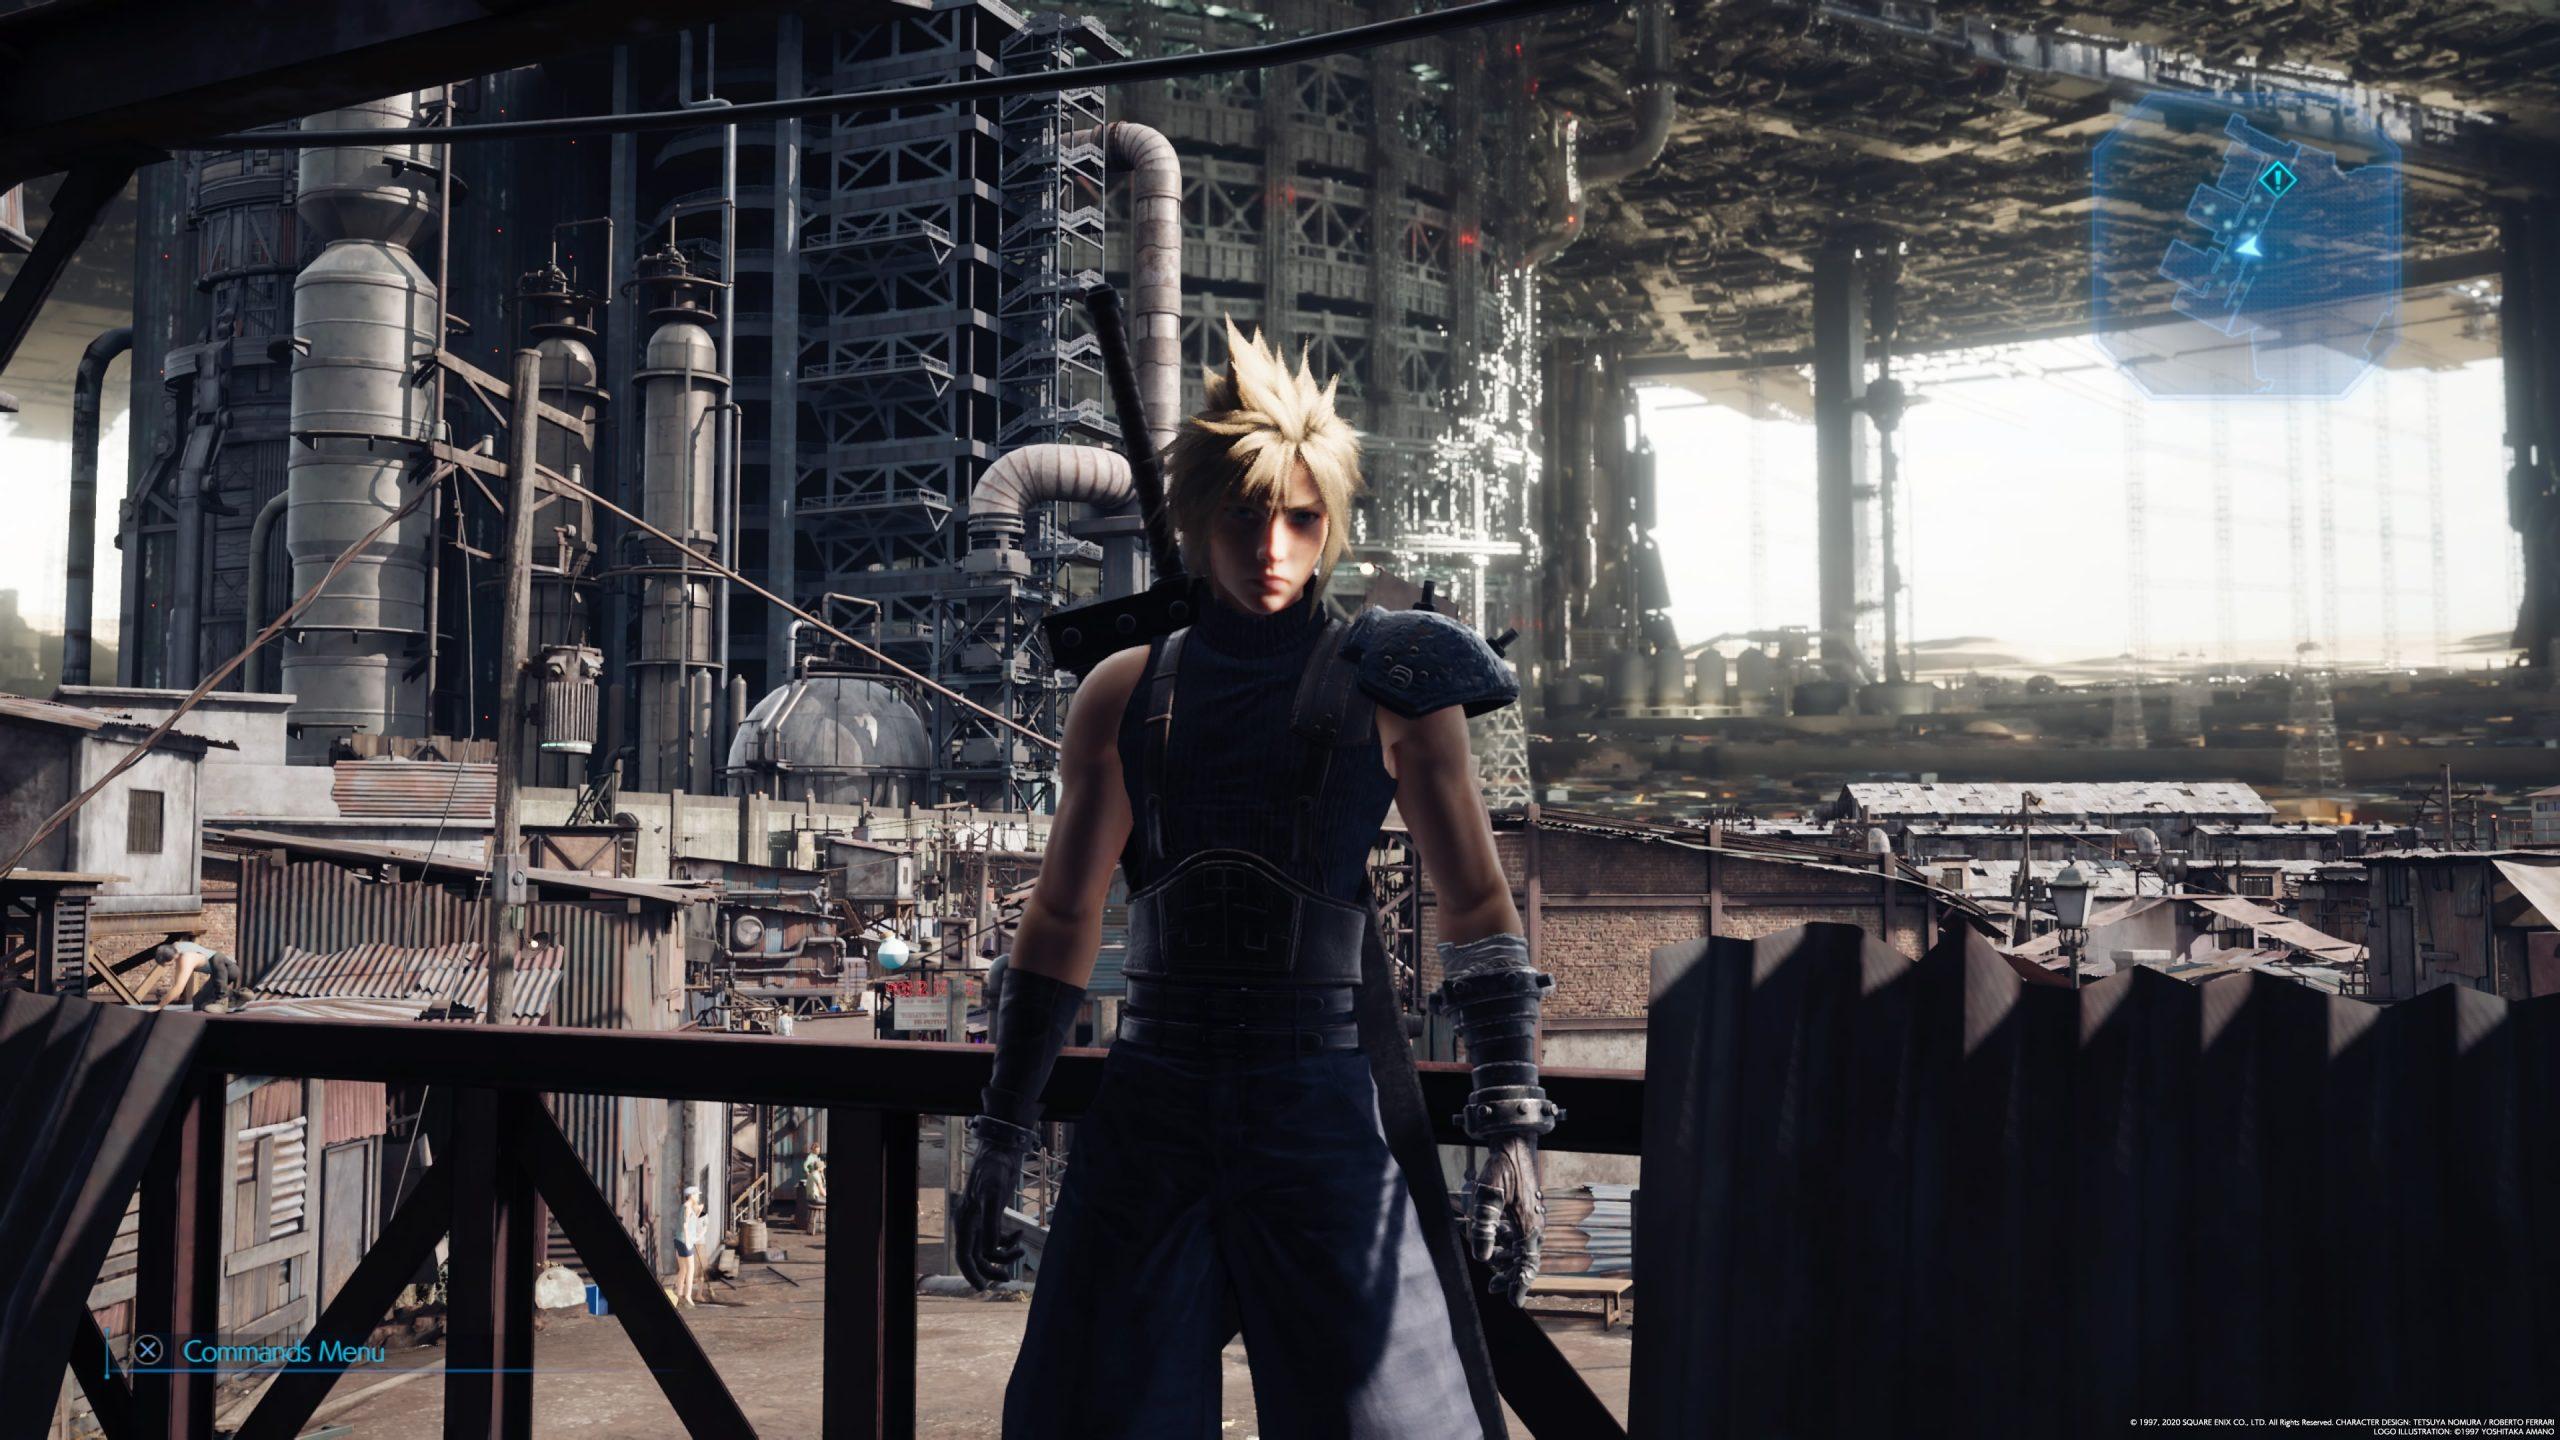 Final Fantasy 7 Remake 3,5 miljoen keer verkocht in 3 dagen